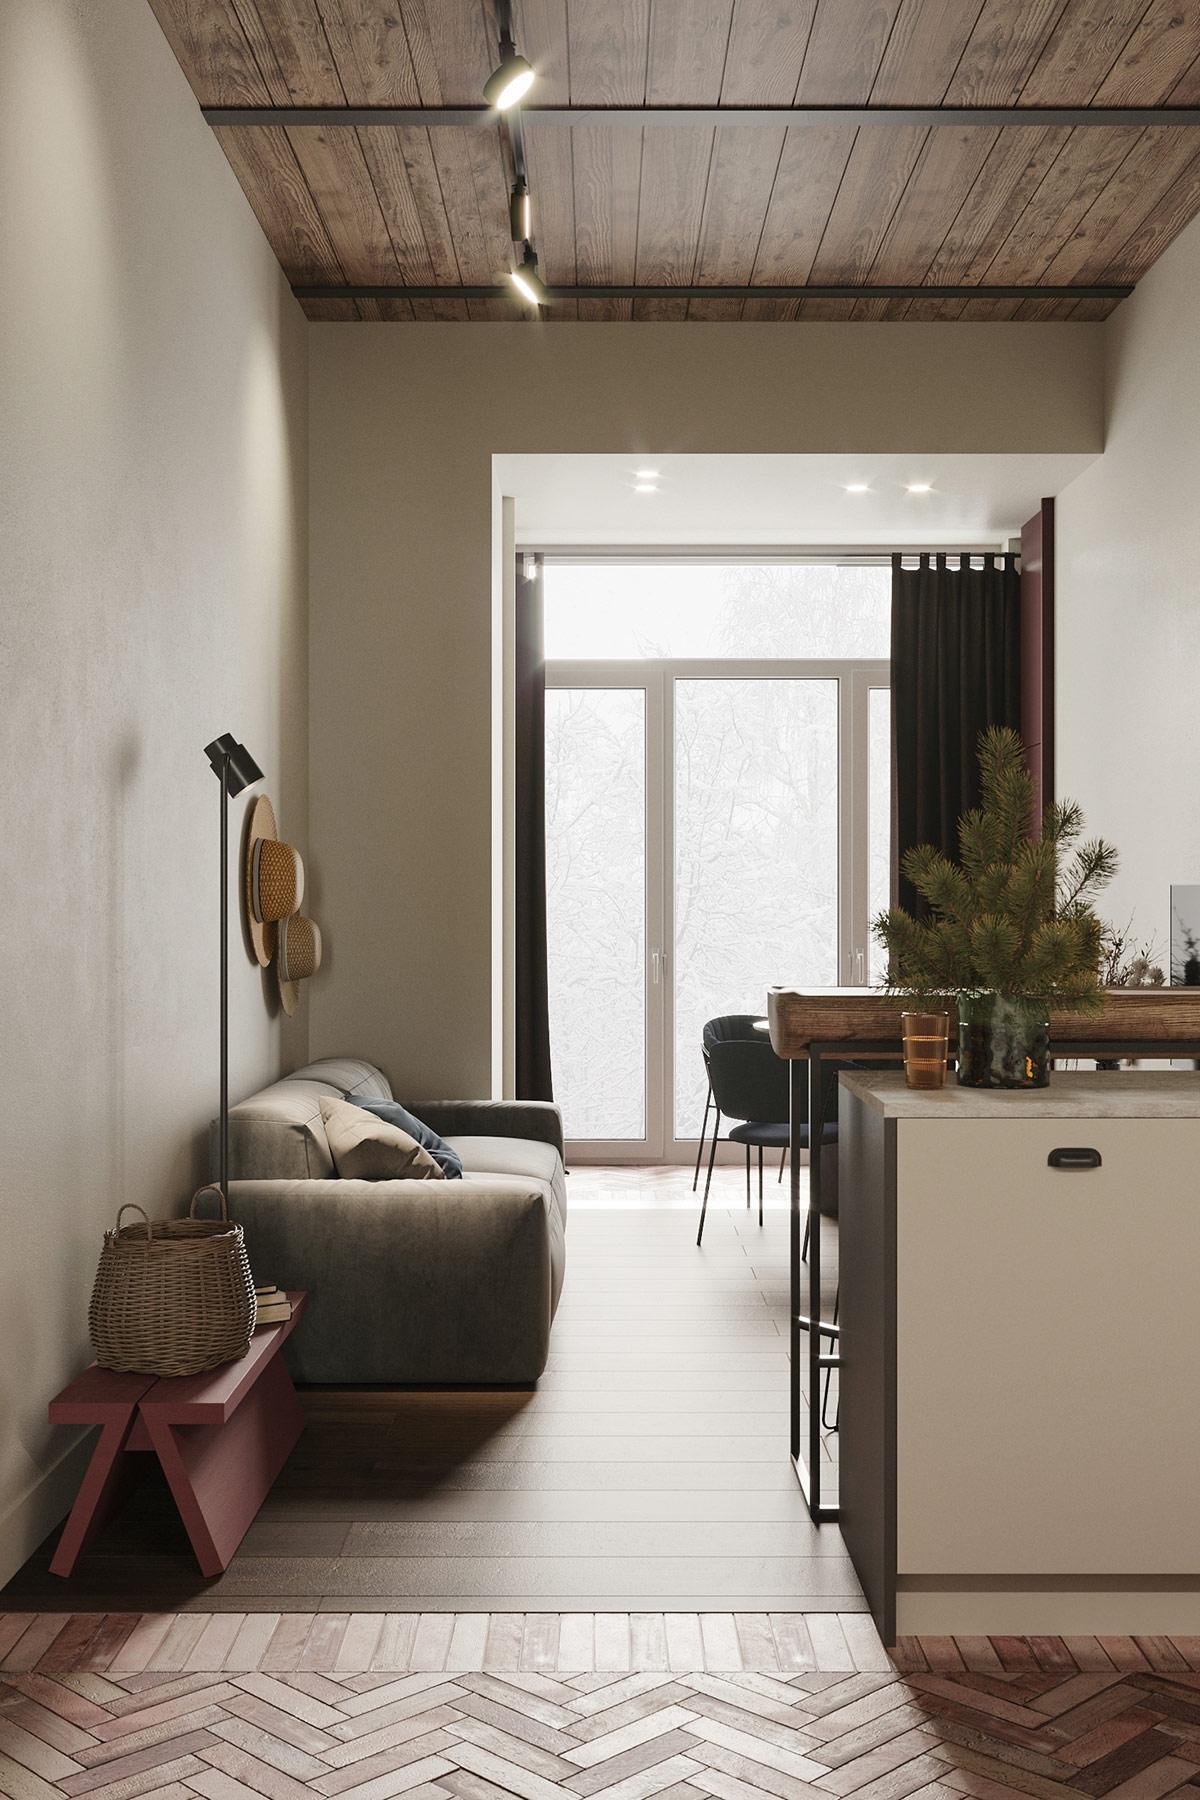 Ngôi nhà đẹp như tác phẩm nghệ thuật với diện tích chỉ 45m2 - Ảnh 3